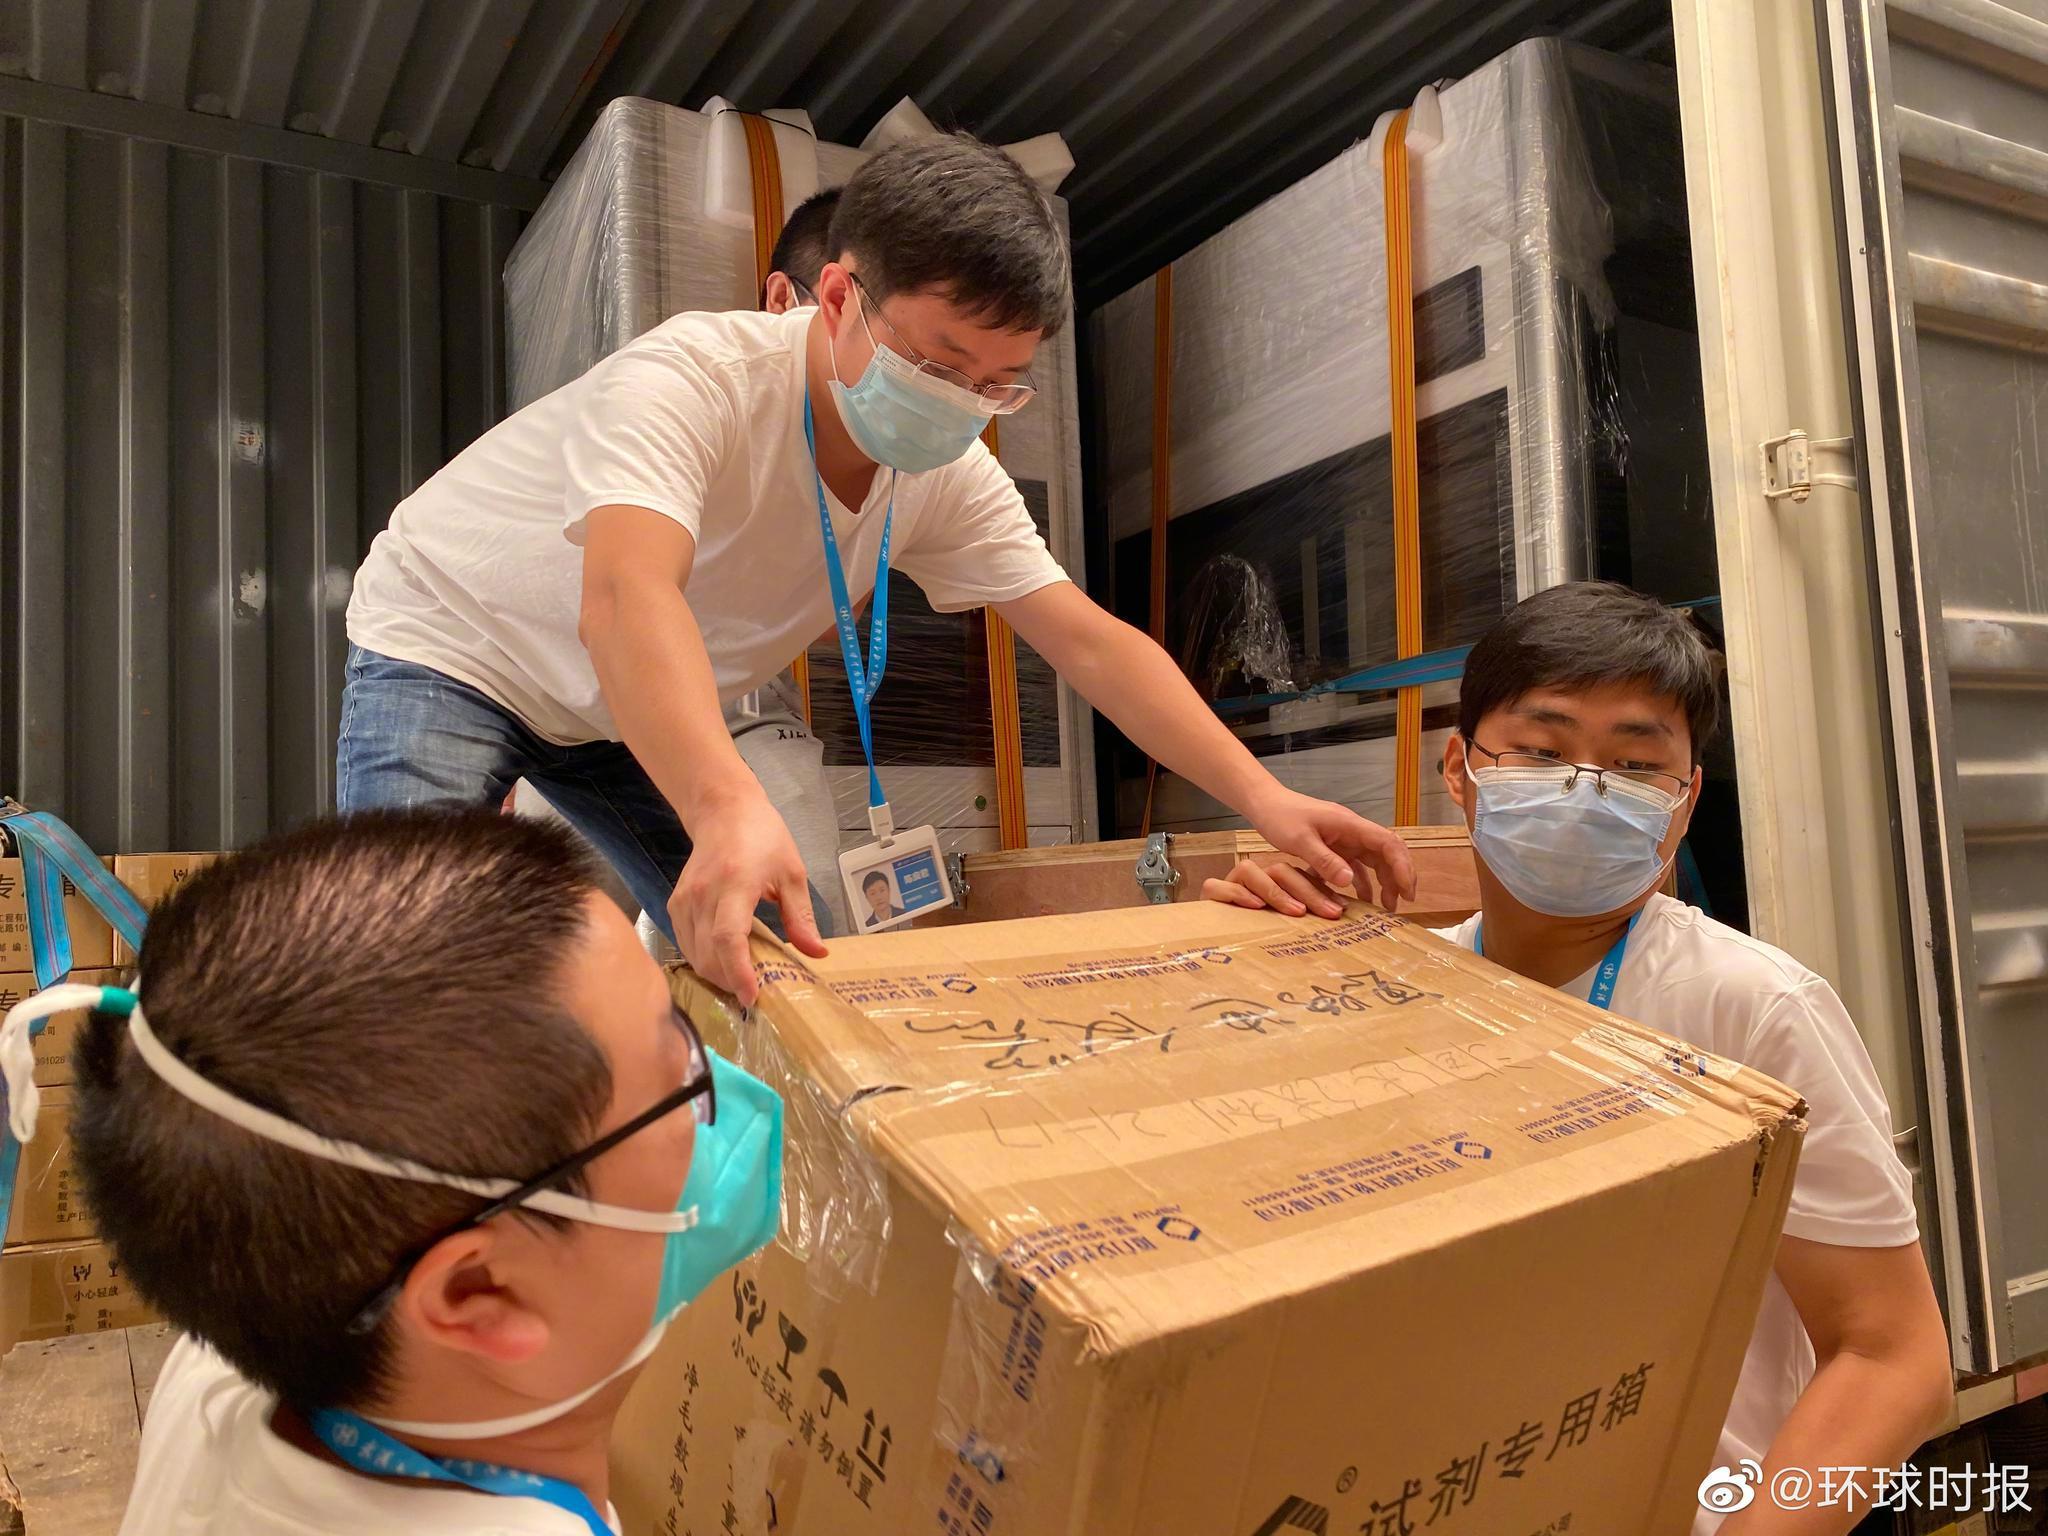 「杏悦登录」武汉战疫核酸检测神器驰援杏悦登录北京图片